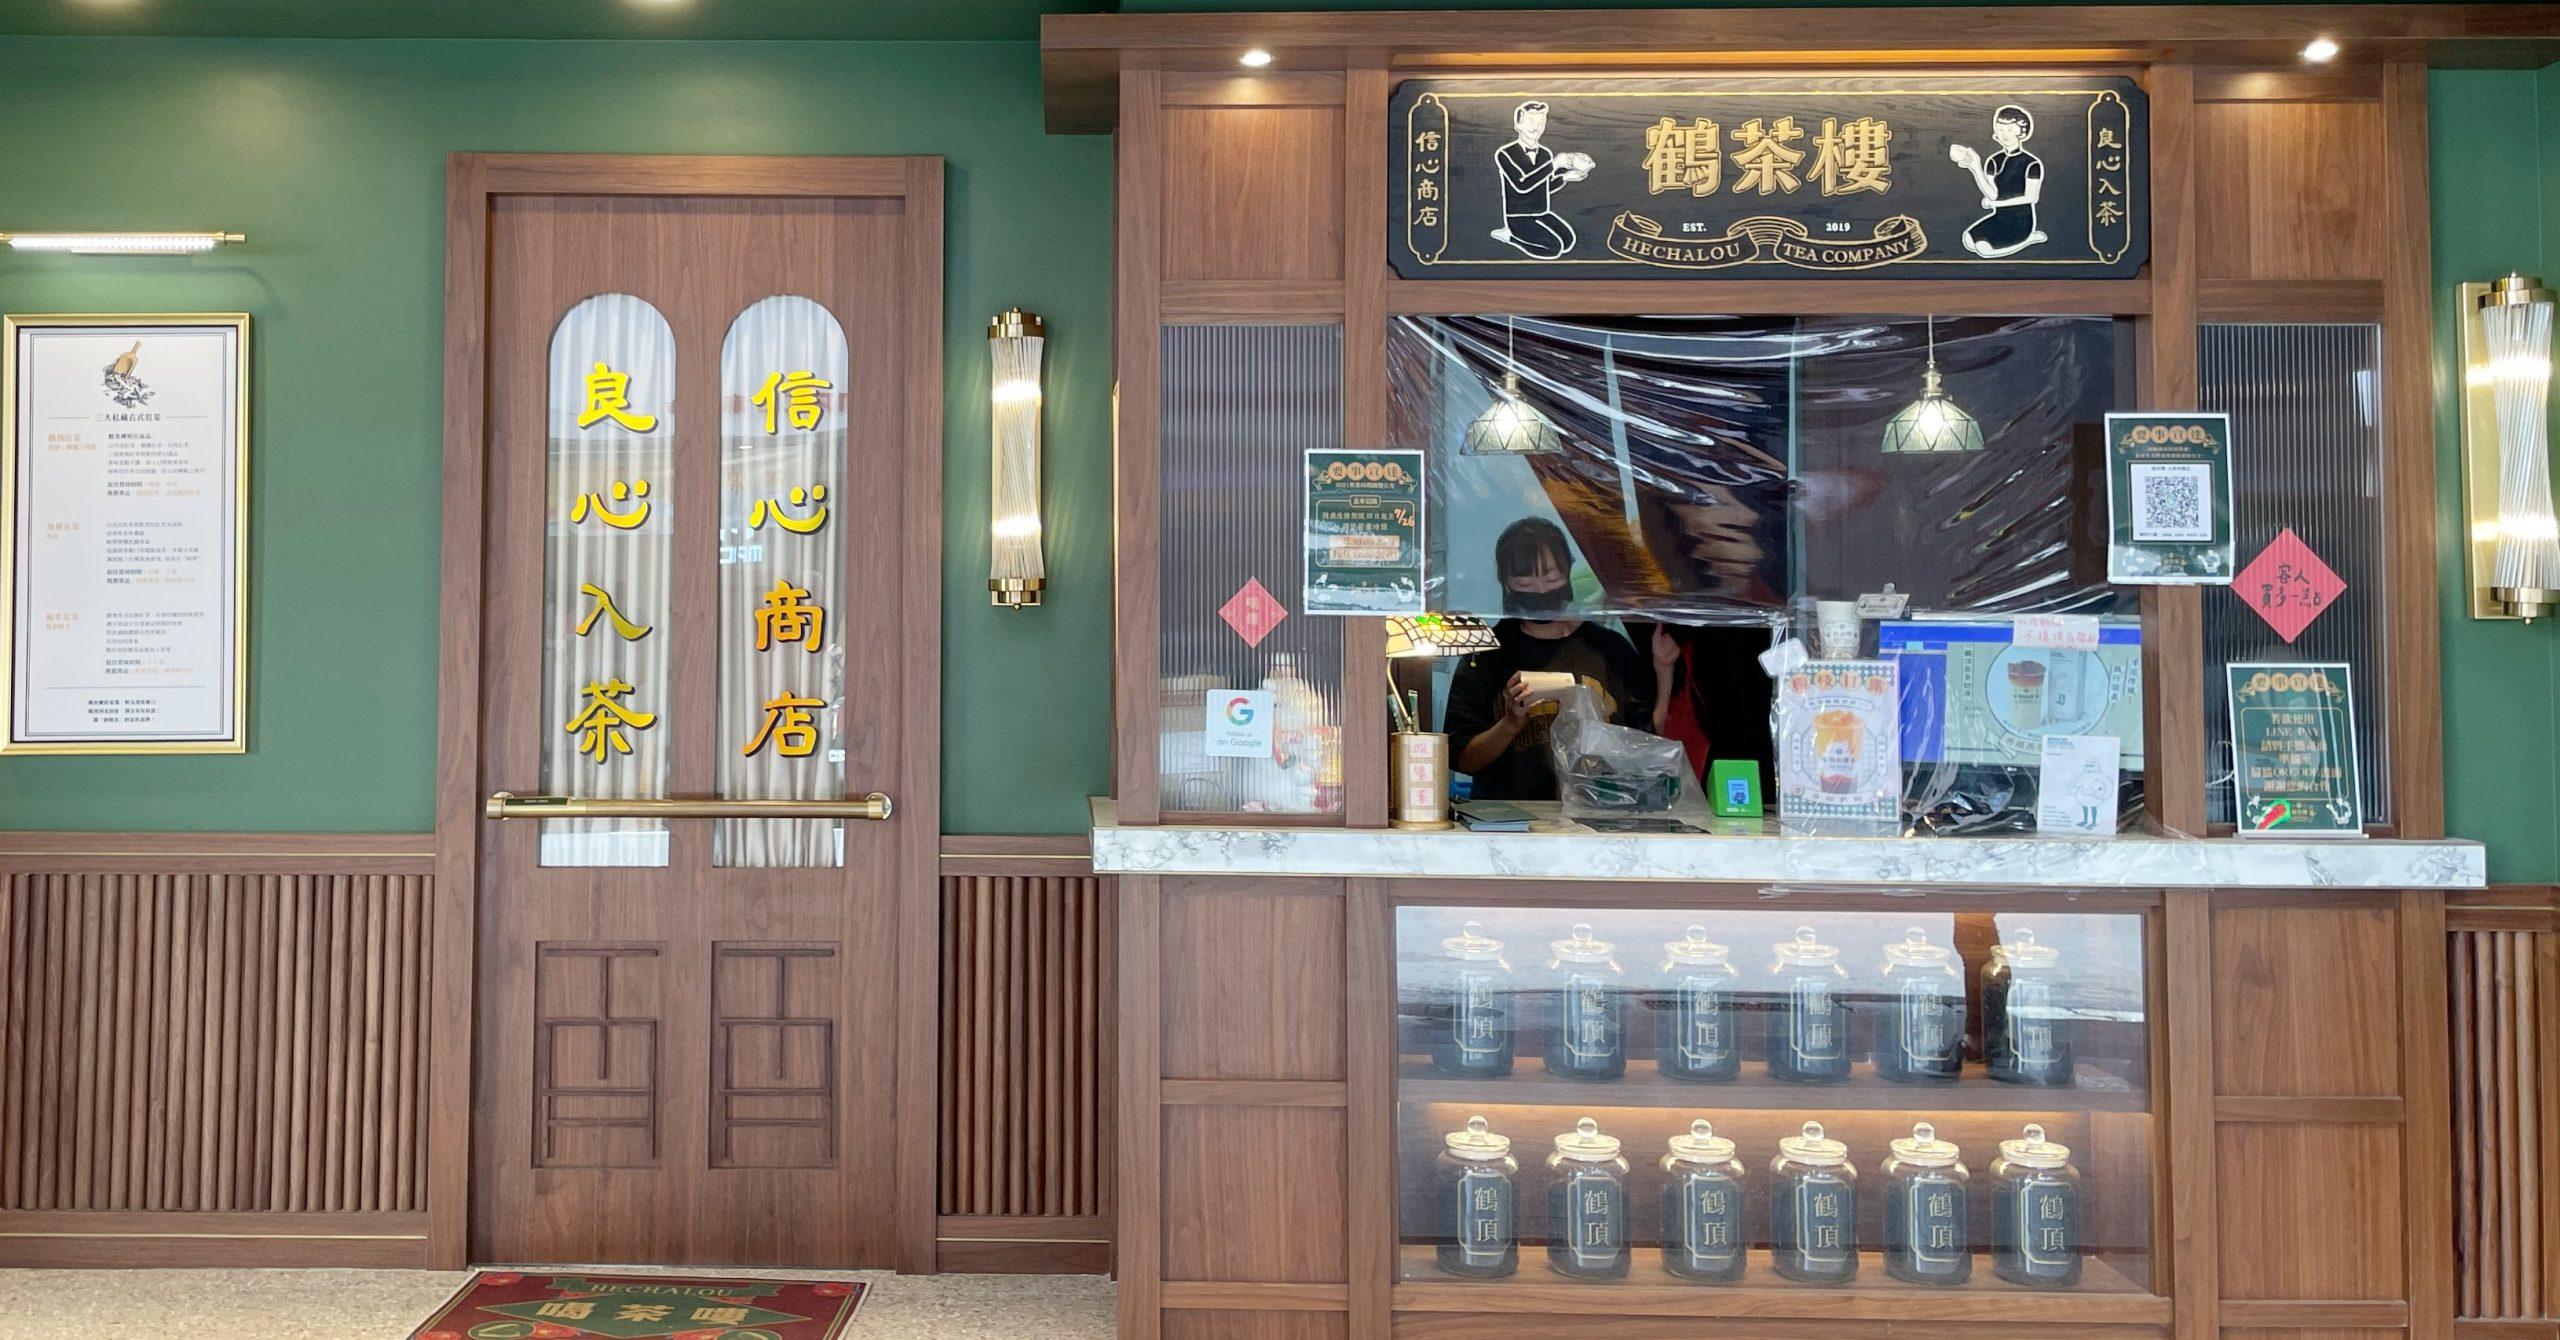 今日熱門文章:【飲料推薦】鶴茶樓,鶴茶樓好喝嗎 (鶴茶樓菜單)